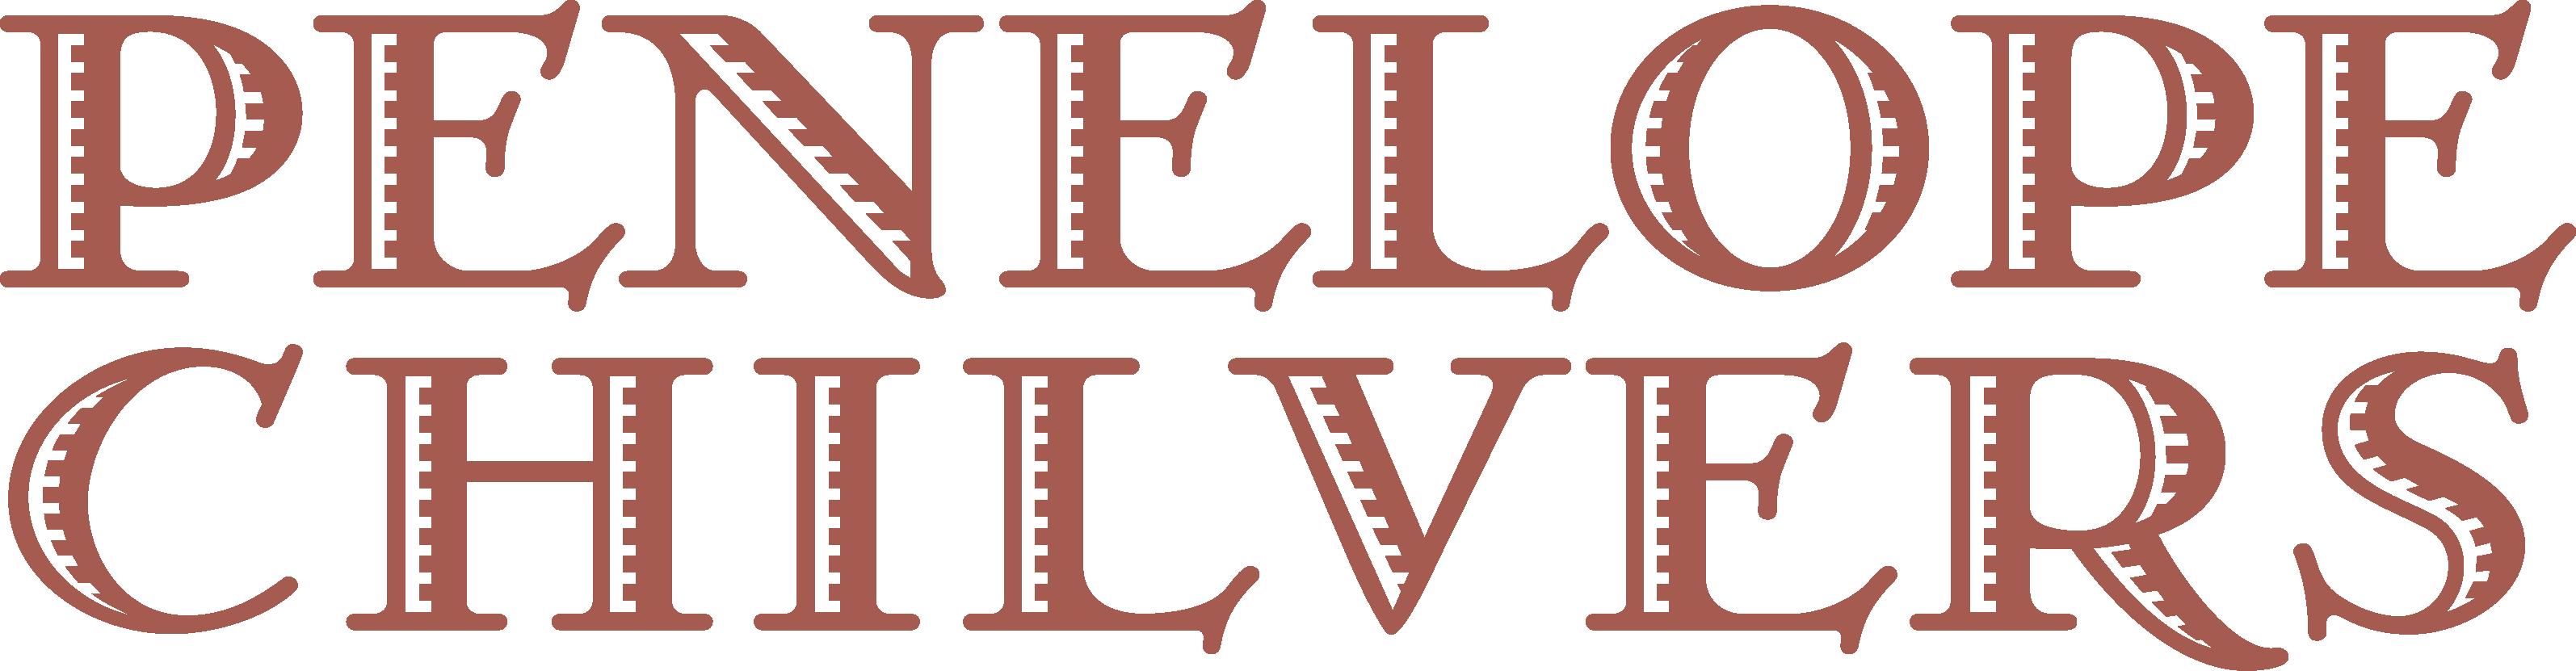 BELLE VELVET SHOE